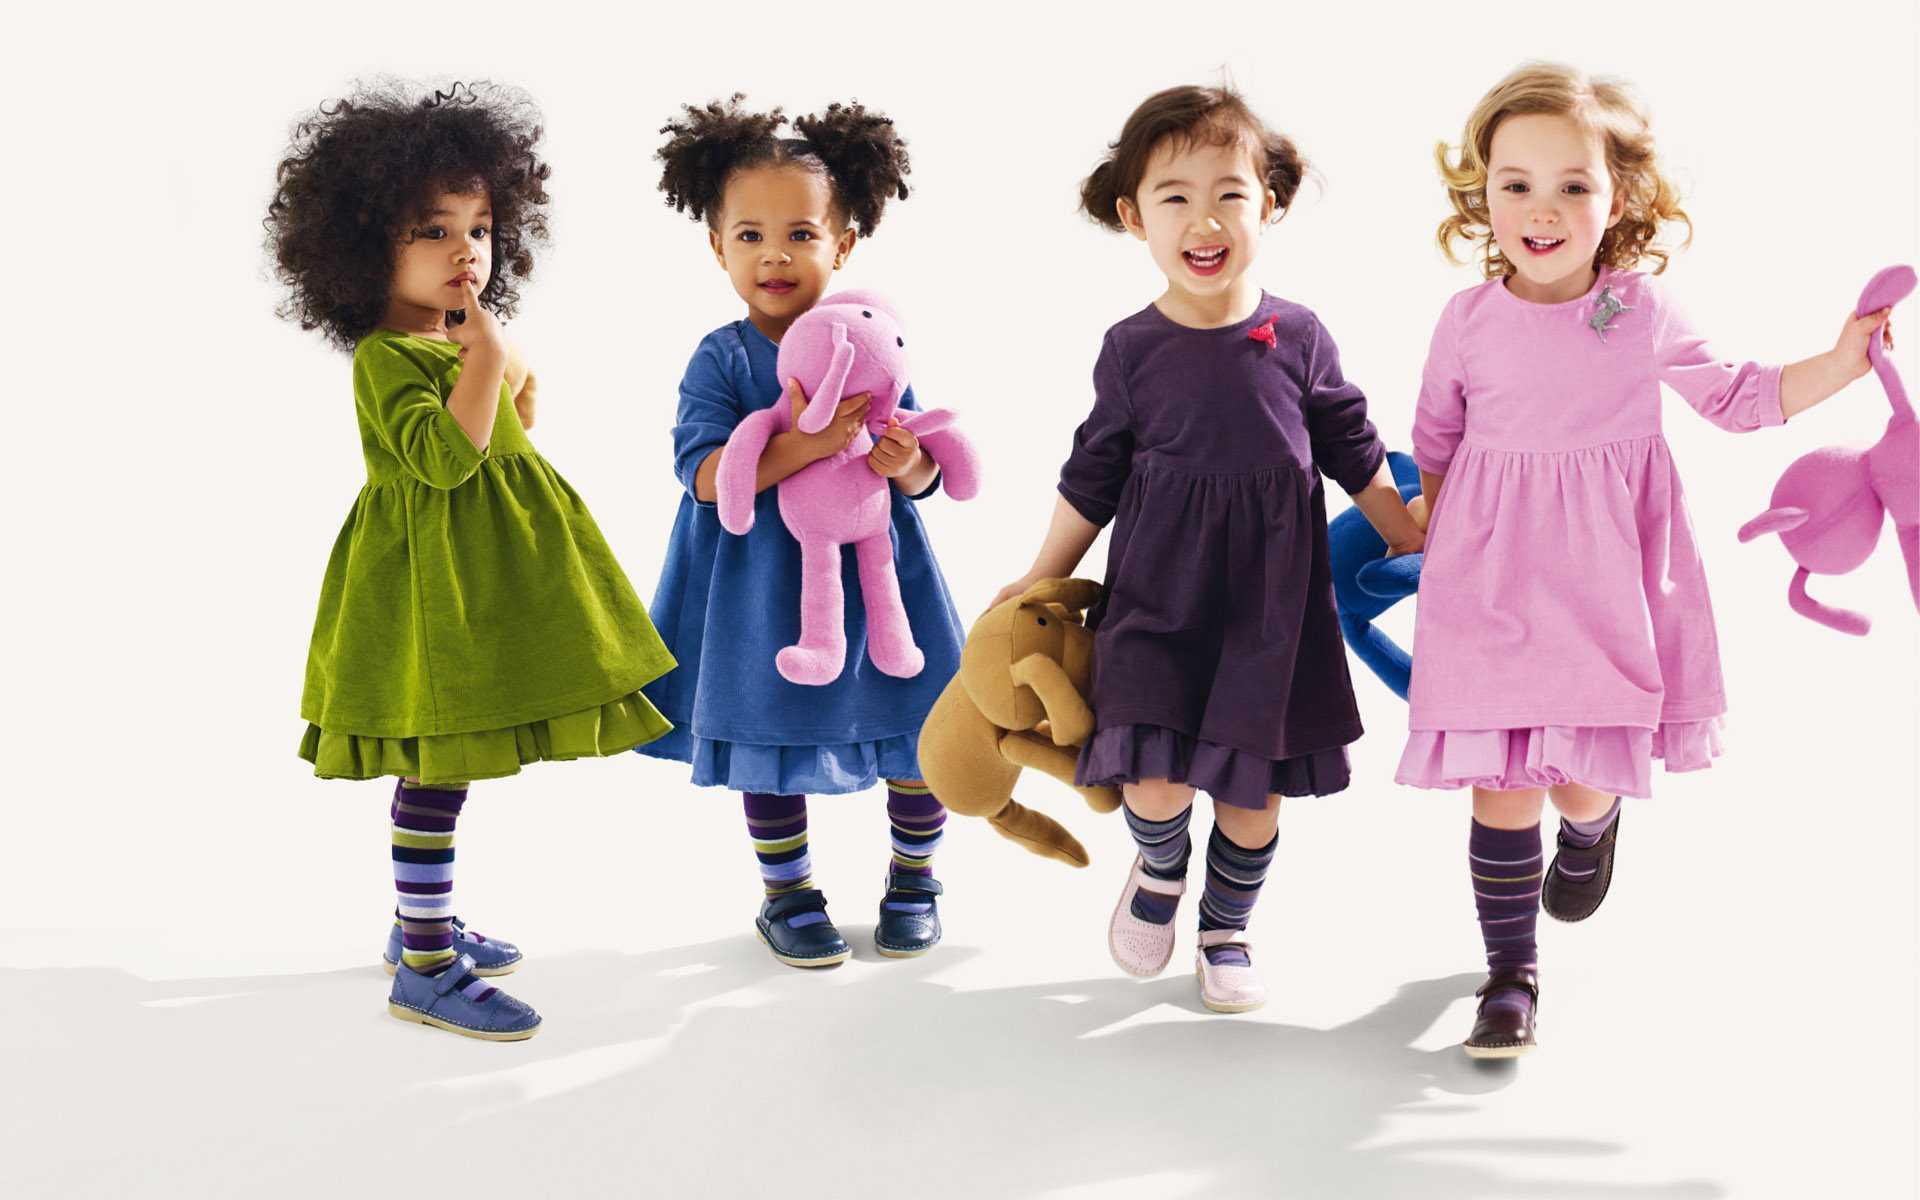 نکاتی در مورد پوشاندن لباس به نوزاد